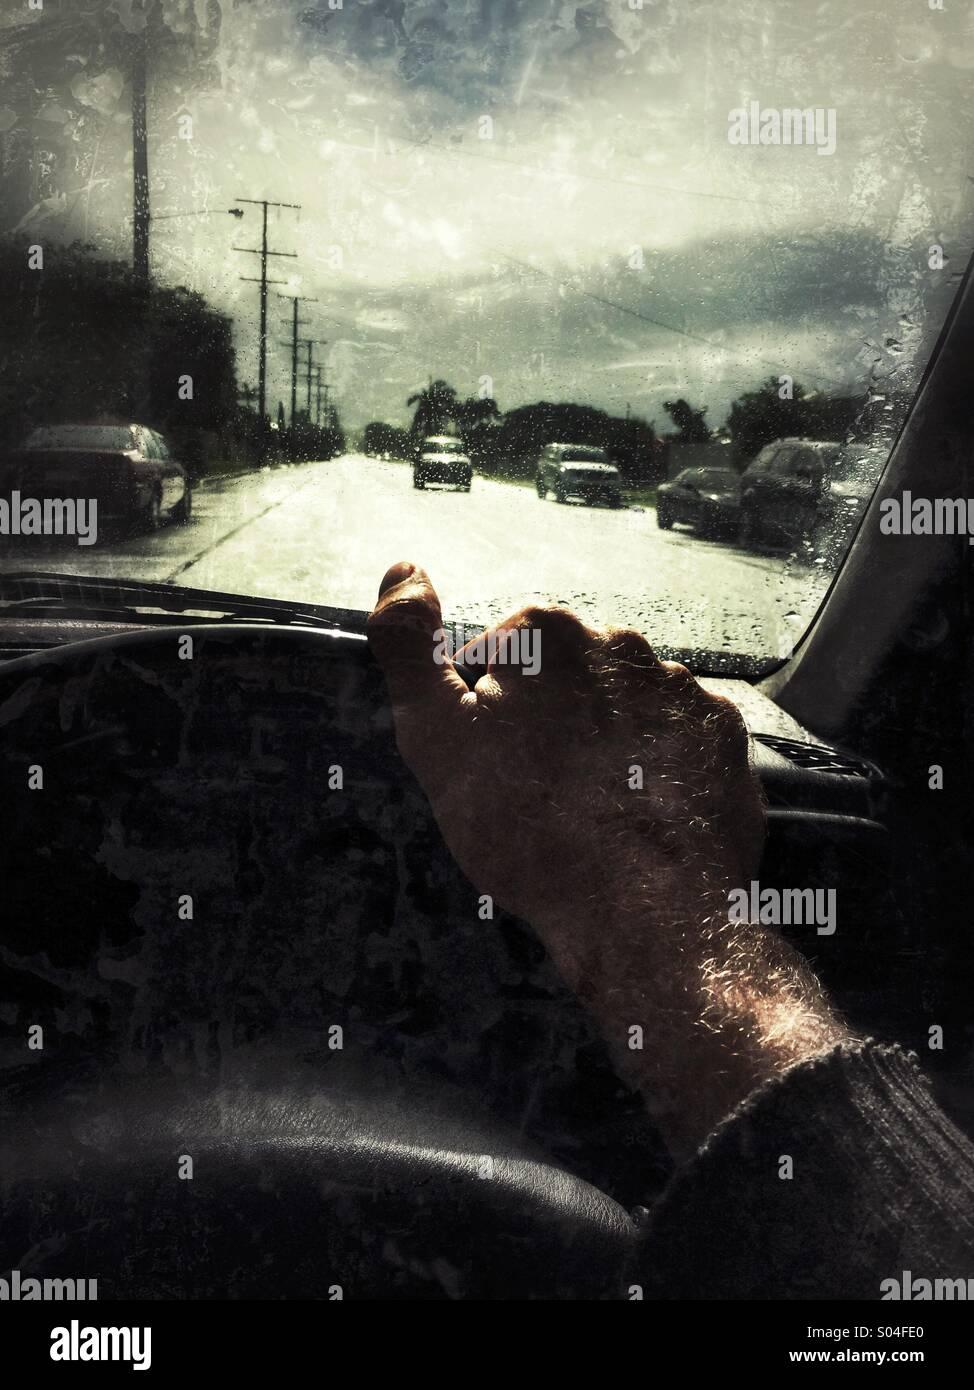 Point de vue du conducteur Photo Stock